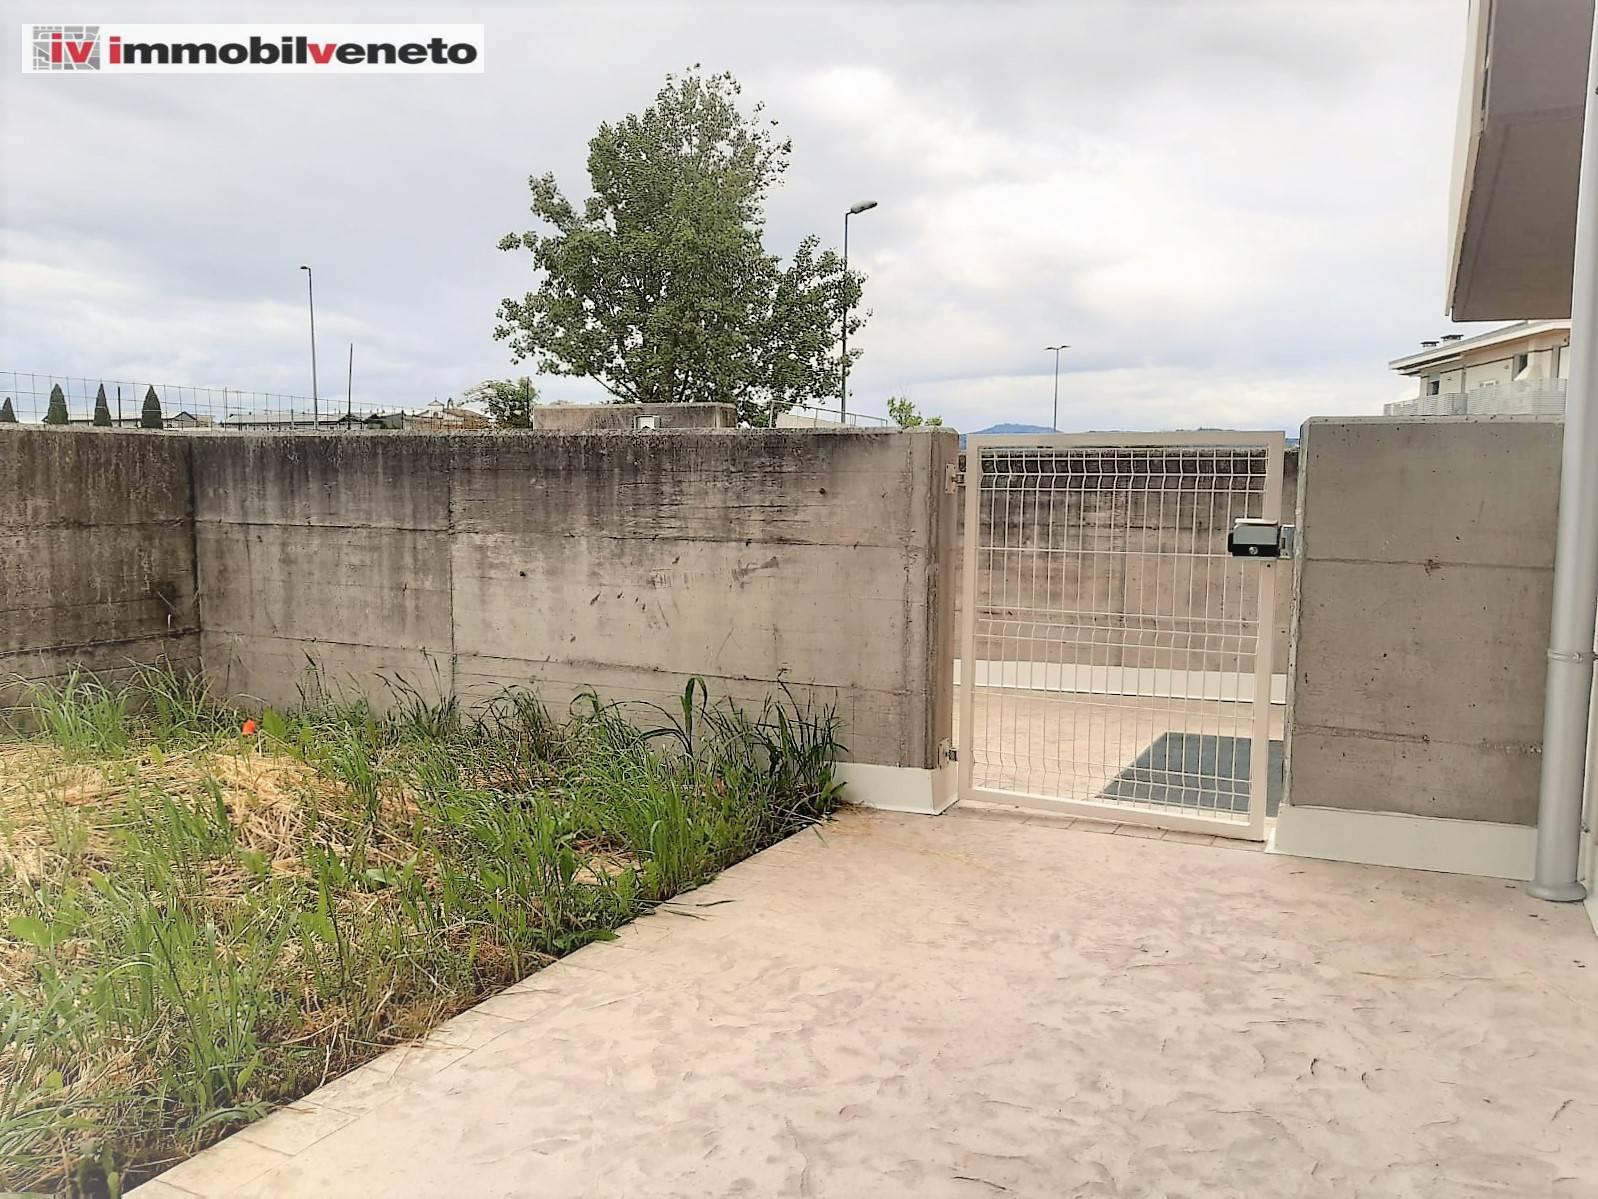 Appartamento in vendita a Brendola, 6 locali, prezzo € 170.000 | CambioCasa.it